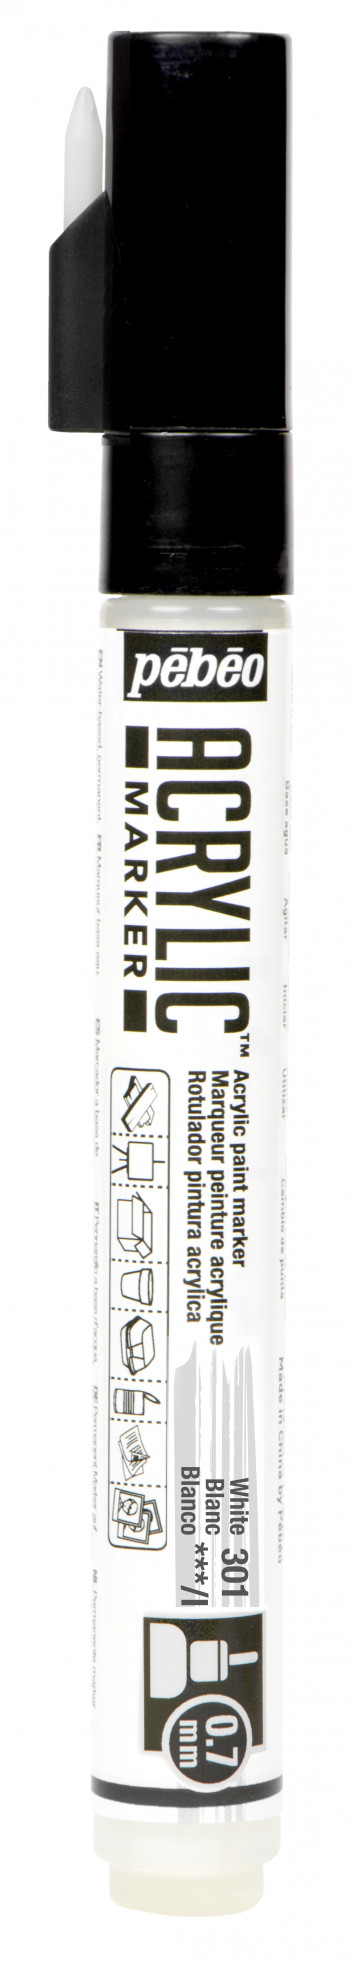 Маркер акриловый Acrylic Marker 0.7 мм круглый белый